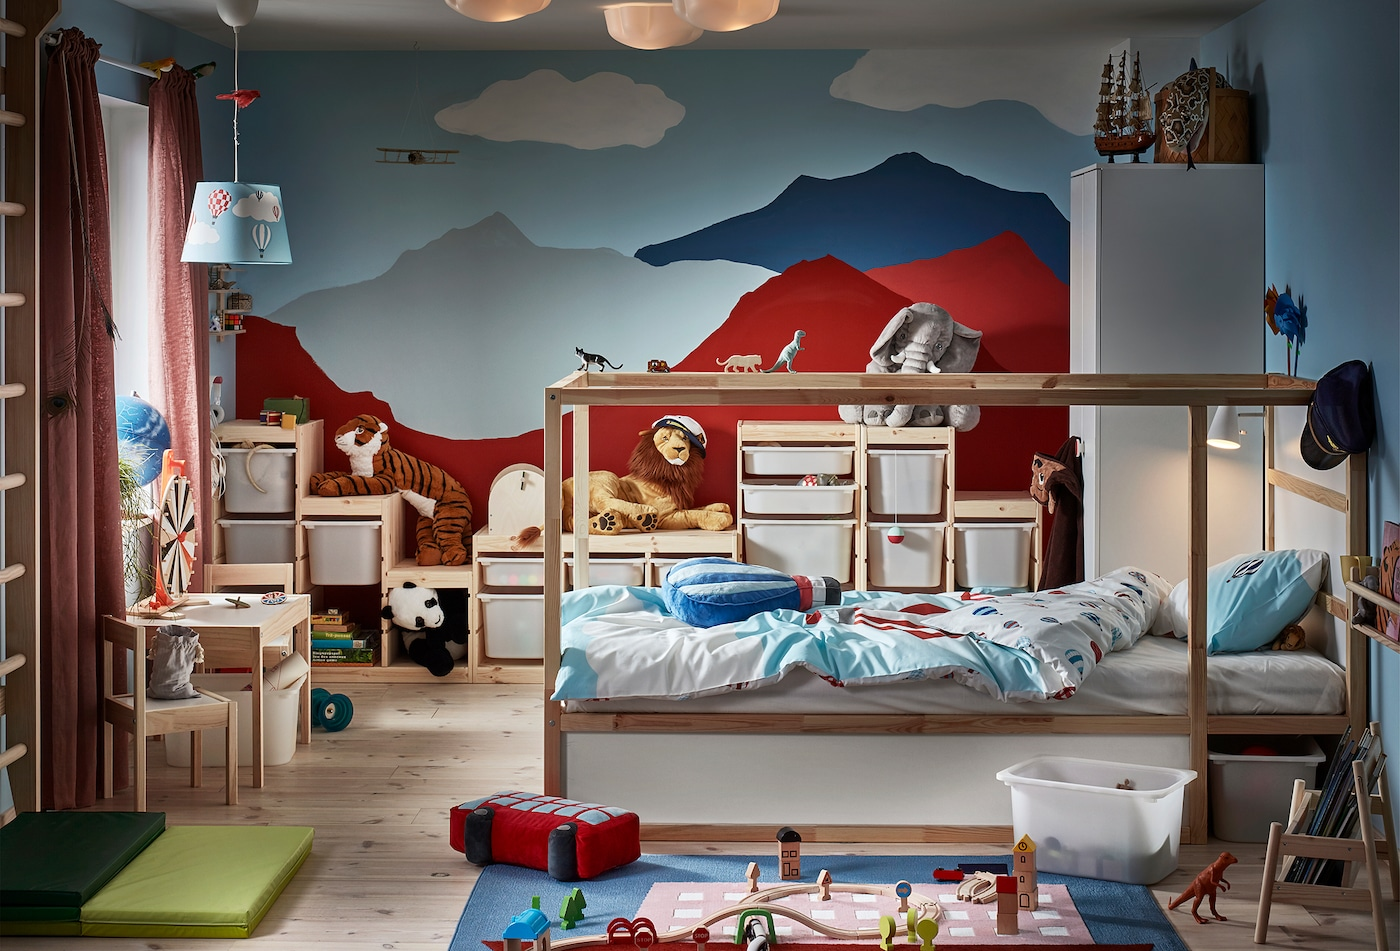 Ein Kinderzimmer, das optisch von den an die Wand gemalten Bergen dominiert wird. Hier sind ein umbaubares Bett, eine Sprossenwand, Spielzeuge und unterschiedliche Aufbewahrungen zu sehen.